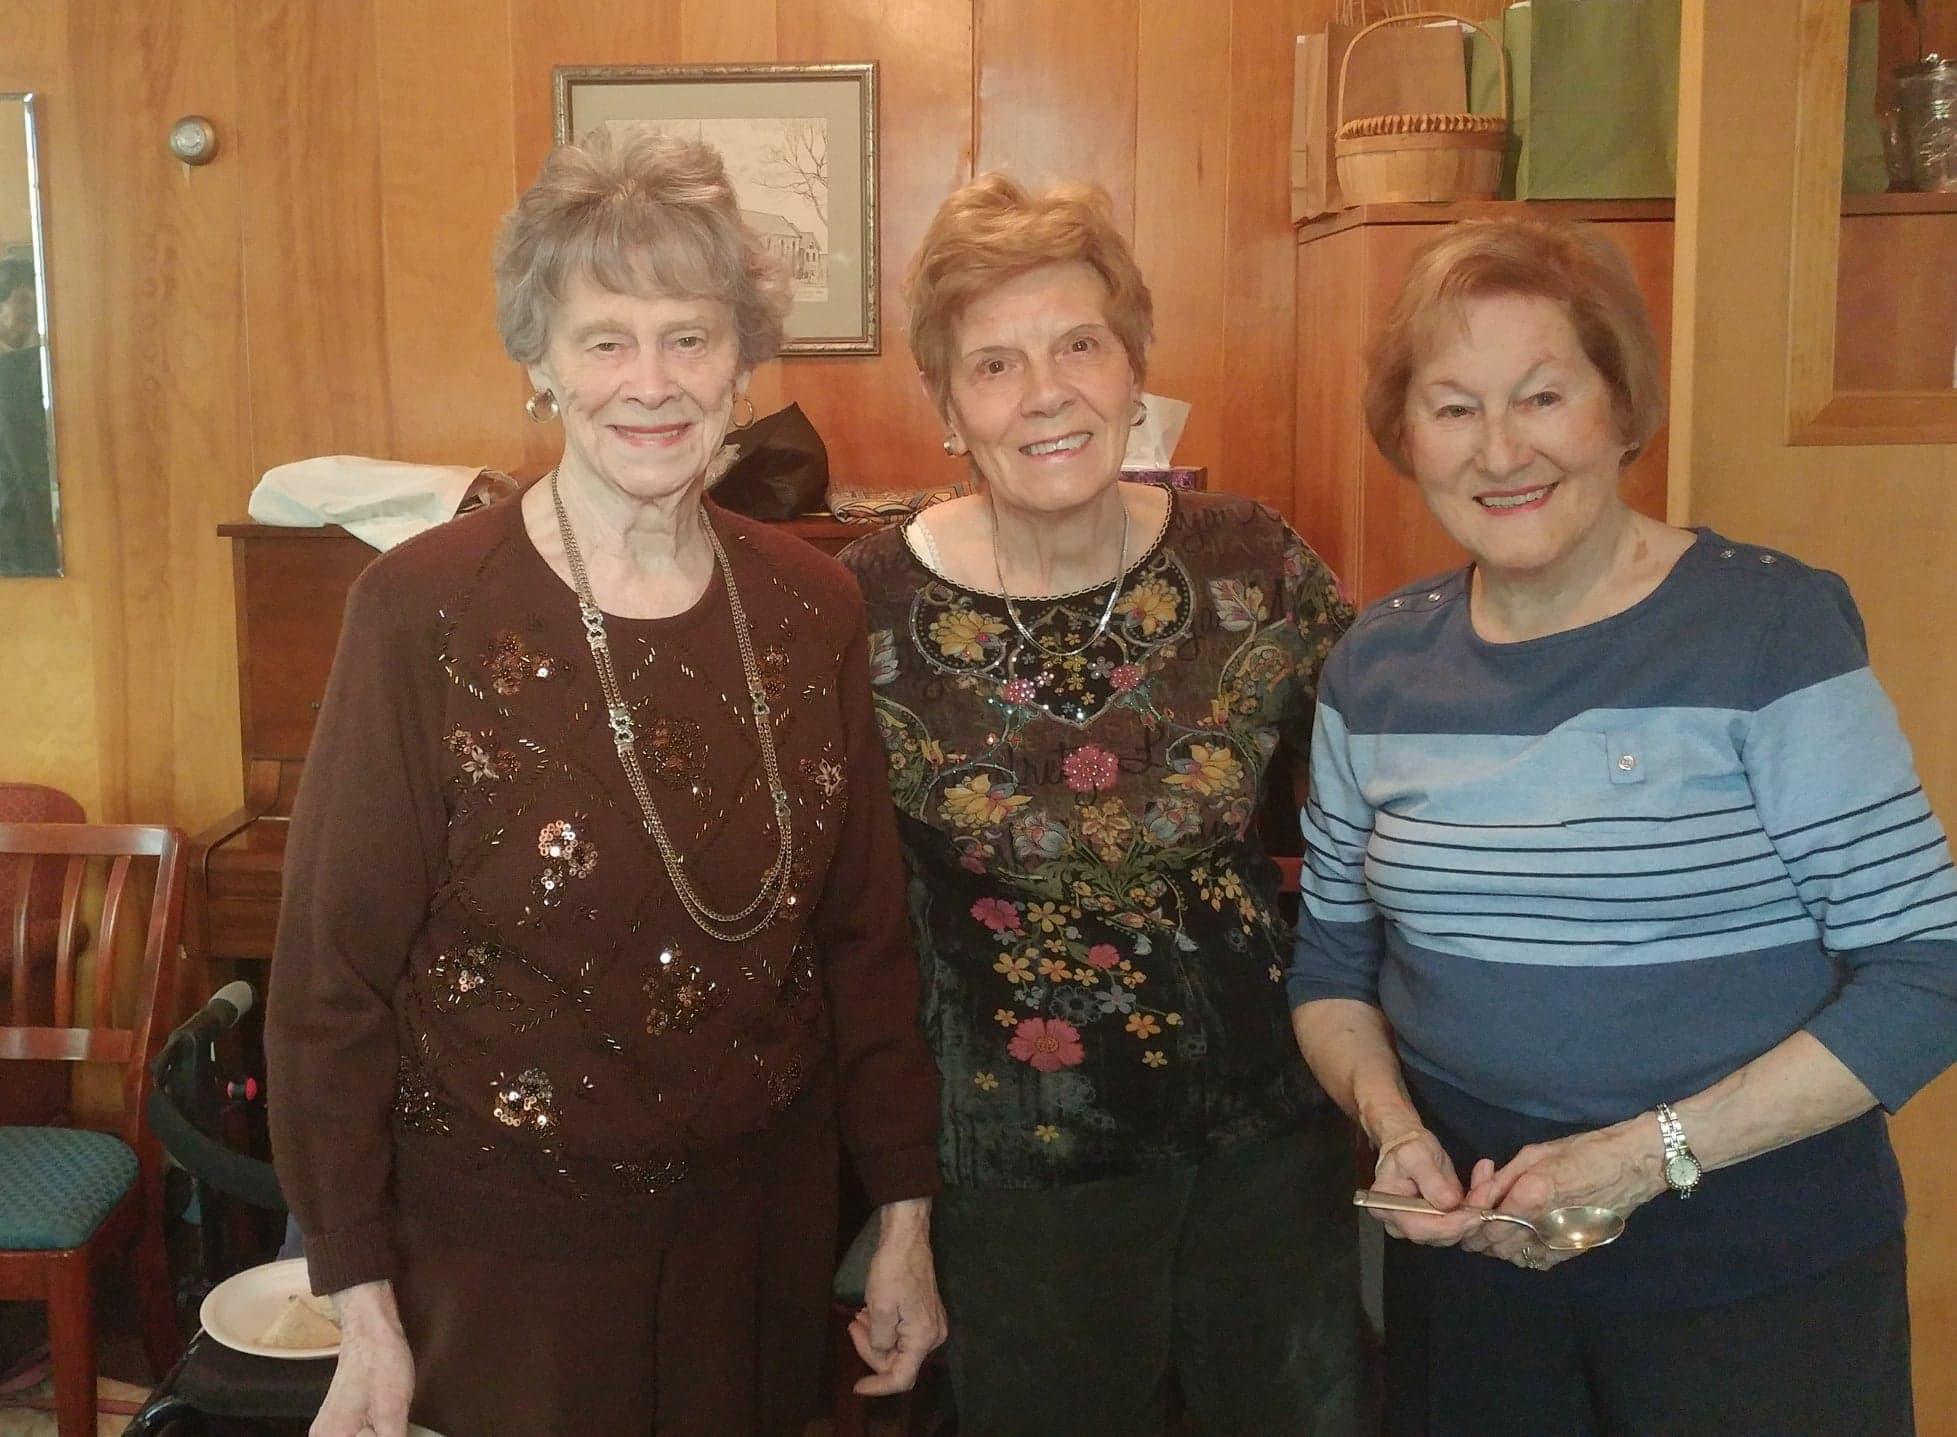 Lahie, Bennett & Cuthbert.Jan 09 19